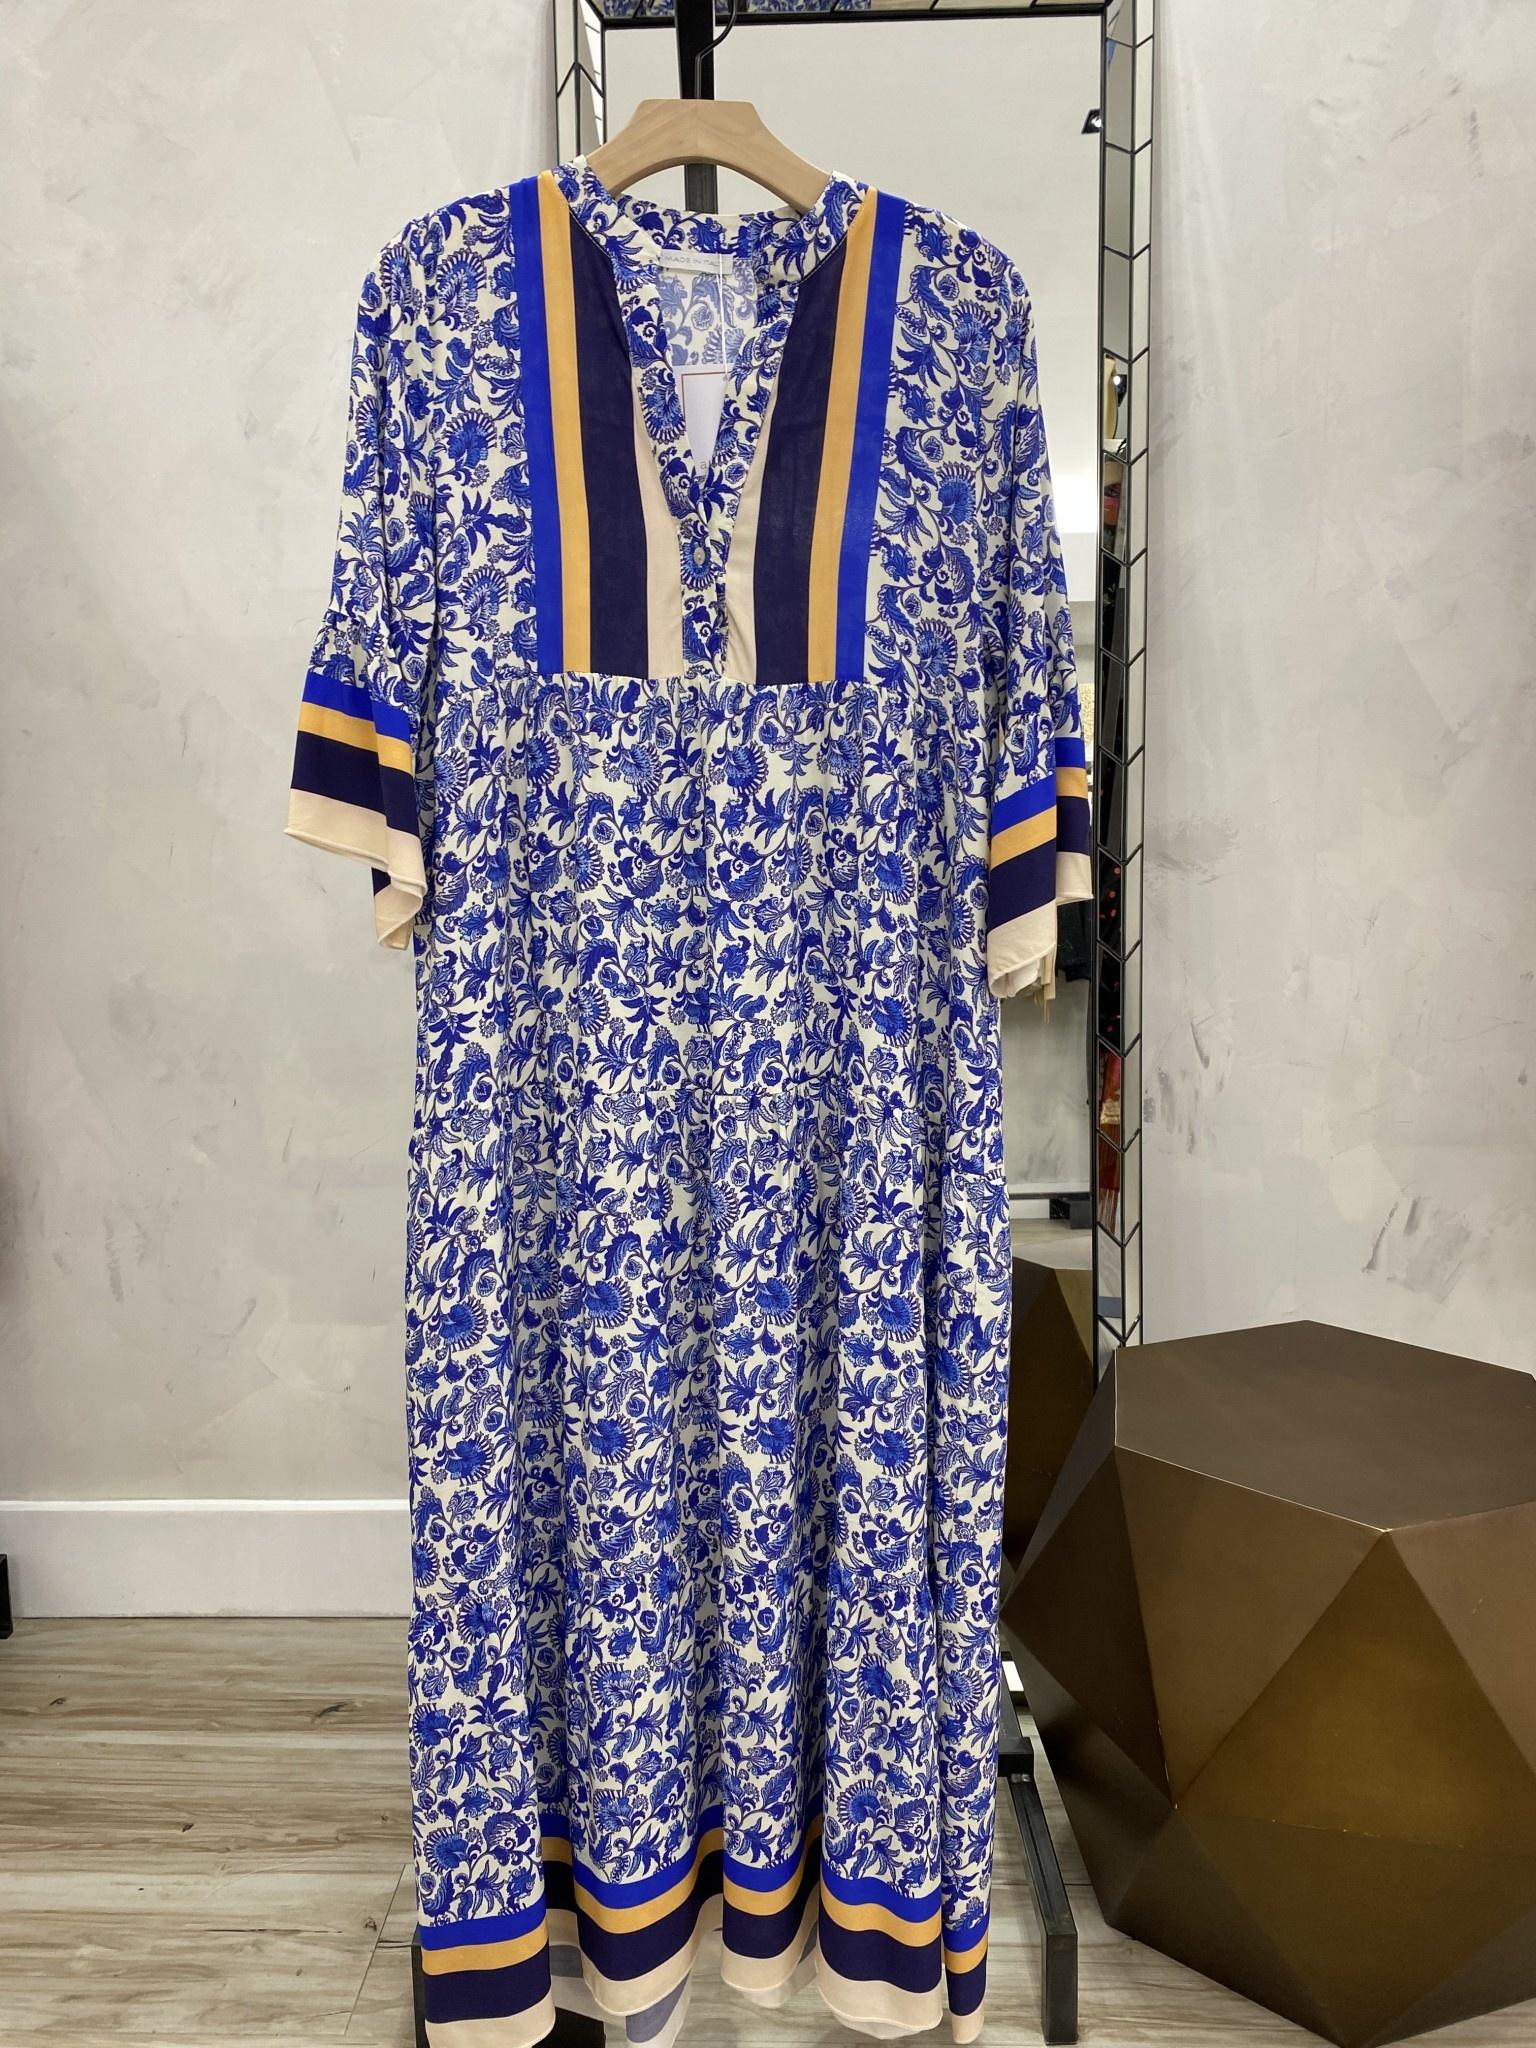 Atikshop Jules Maxi Dress